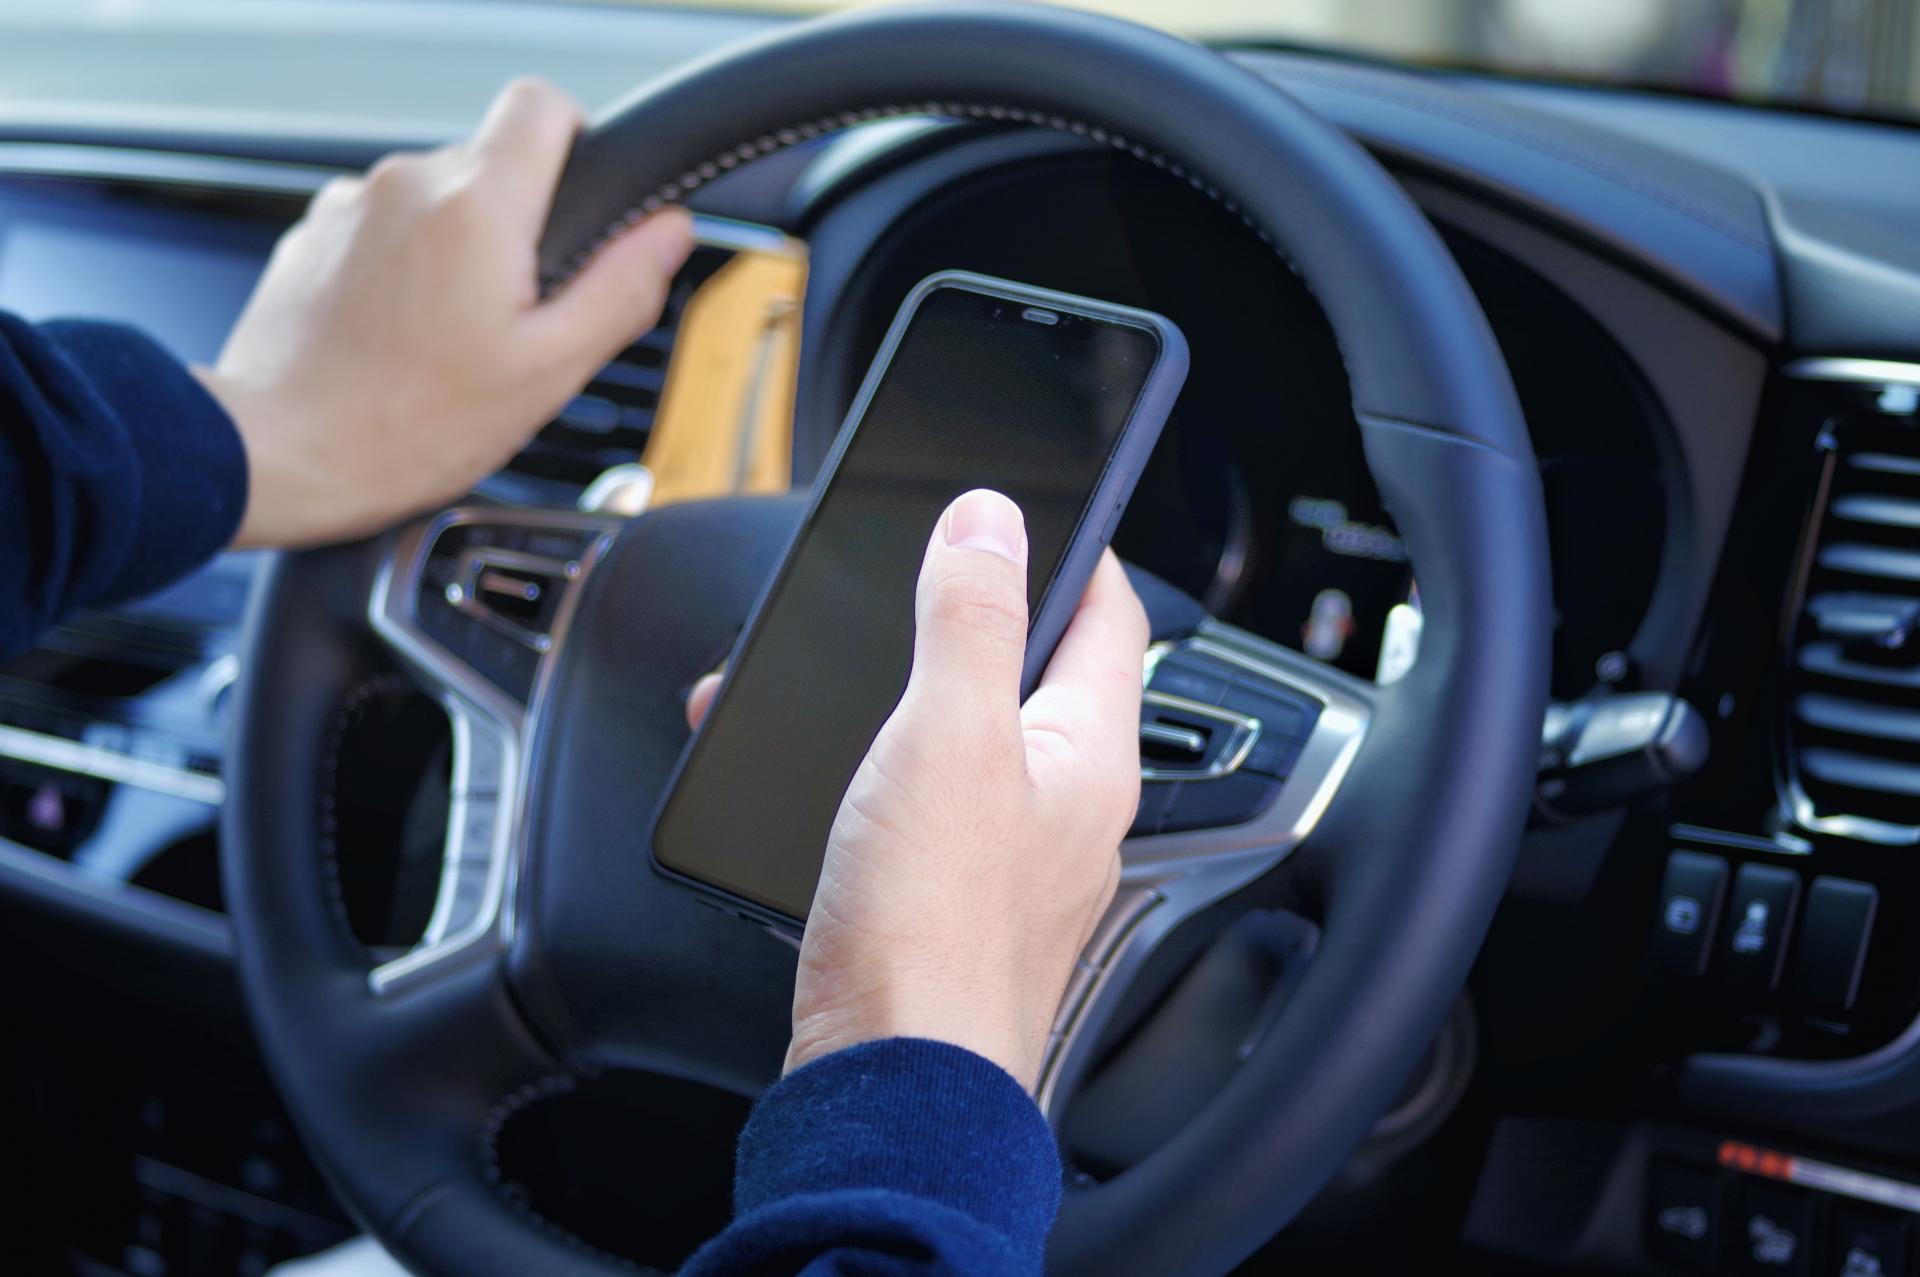 運転中のスマホ操作が厳罰化!内容・罰則と狙いについて